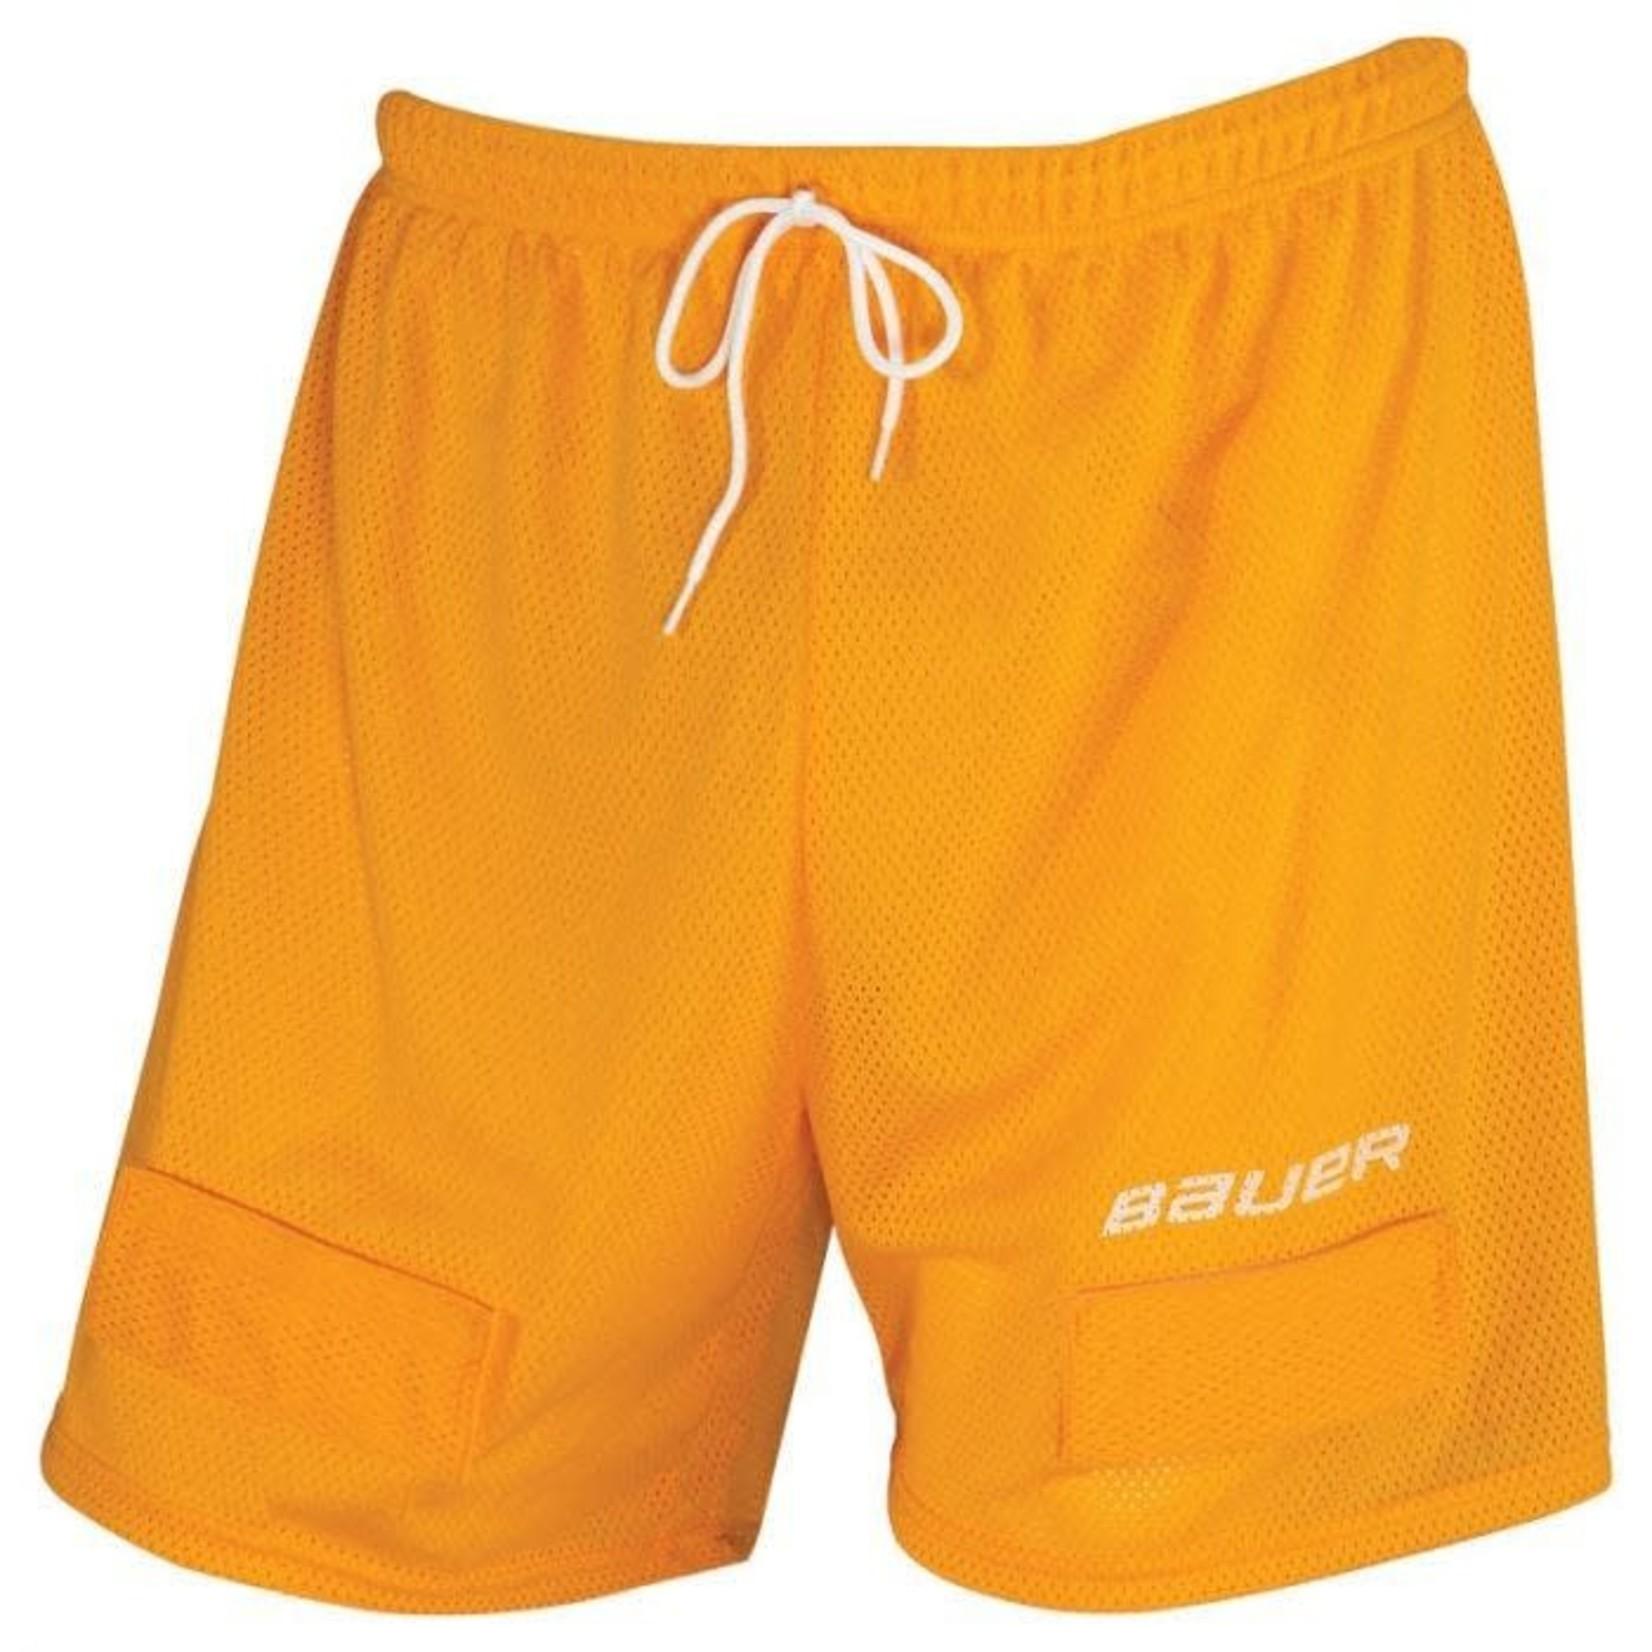 Bauer Bauer Jock Shorts, Core Mesh, Youth